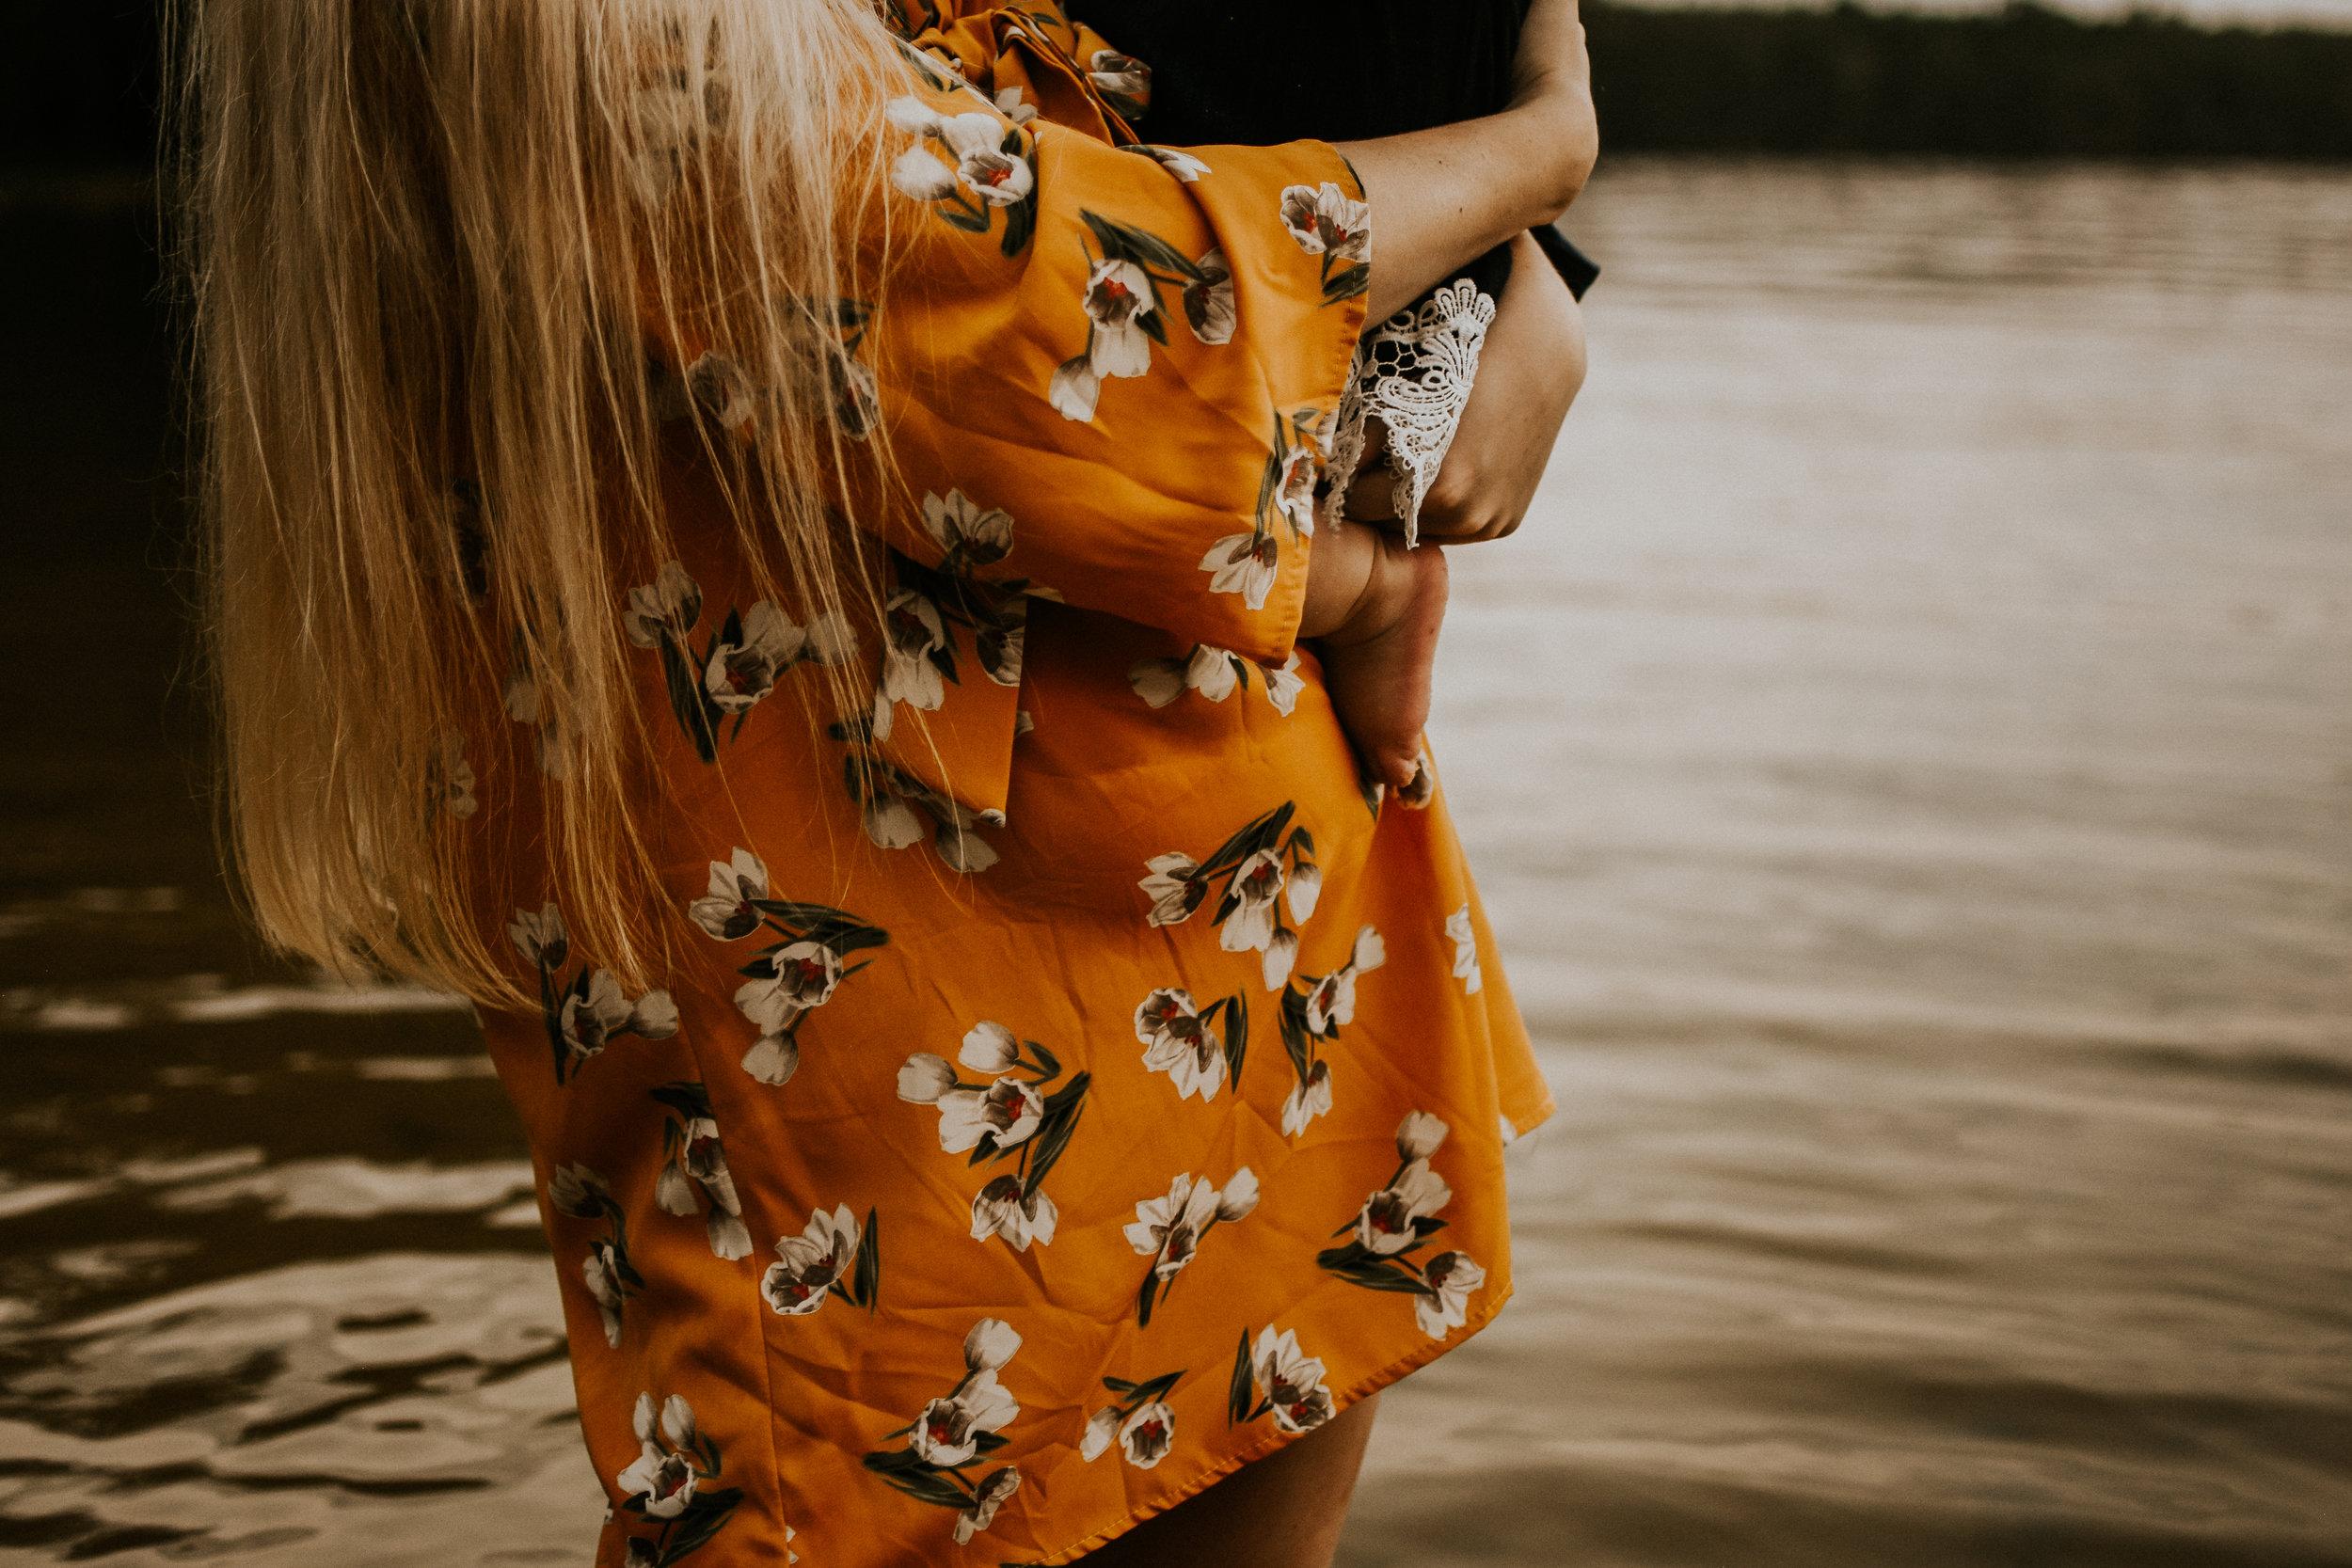 CrestviewFloridaLifestylePhotographer-MommyandMeSession-LakeJackson-FloralaAlabama-53.jpg